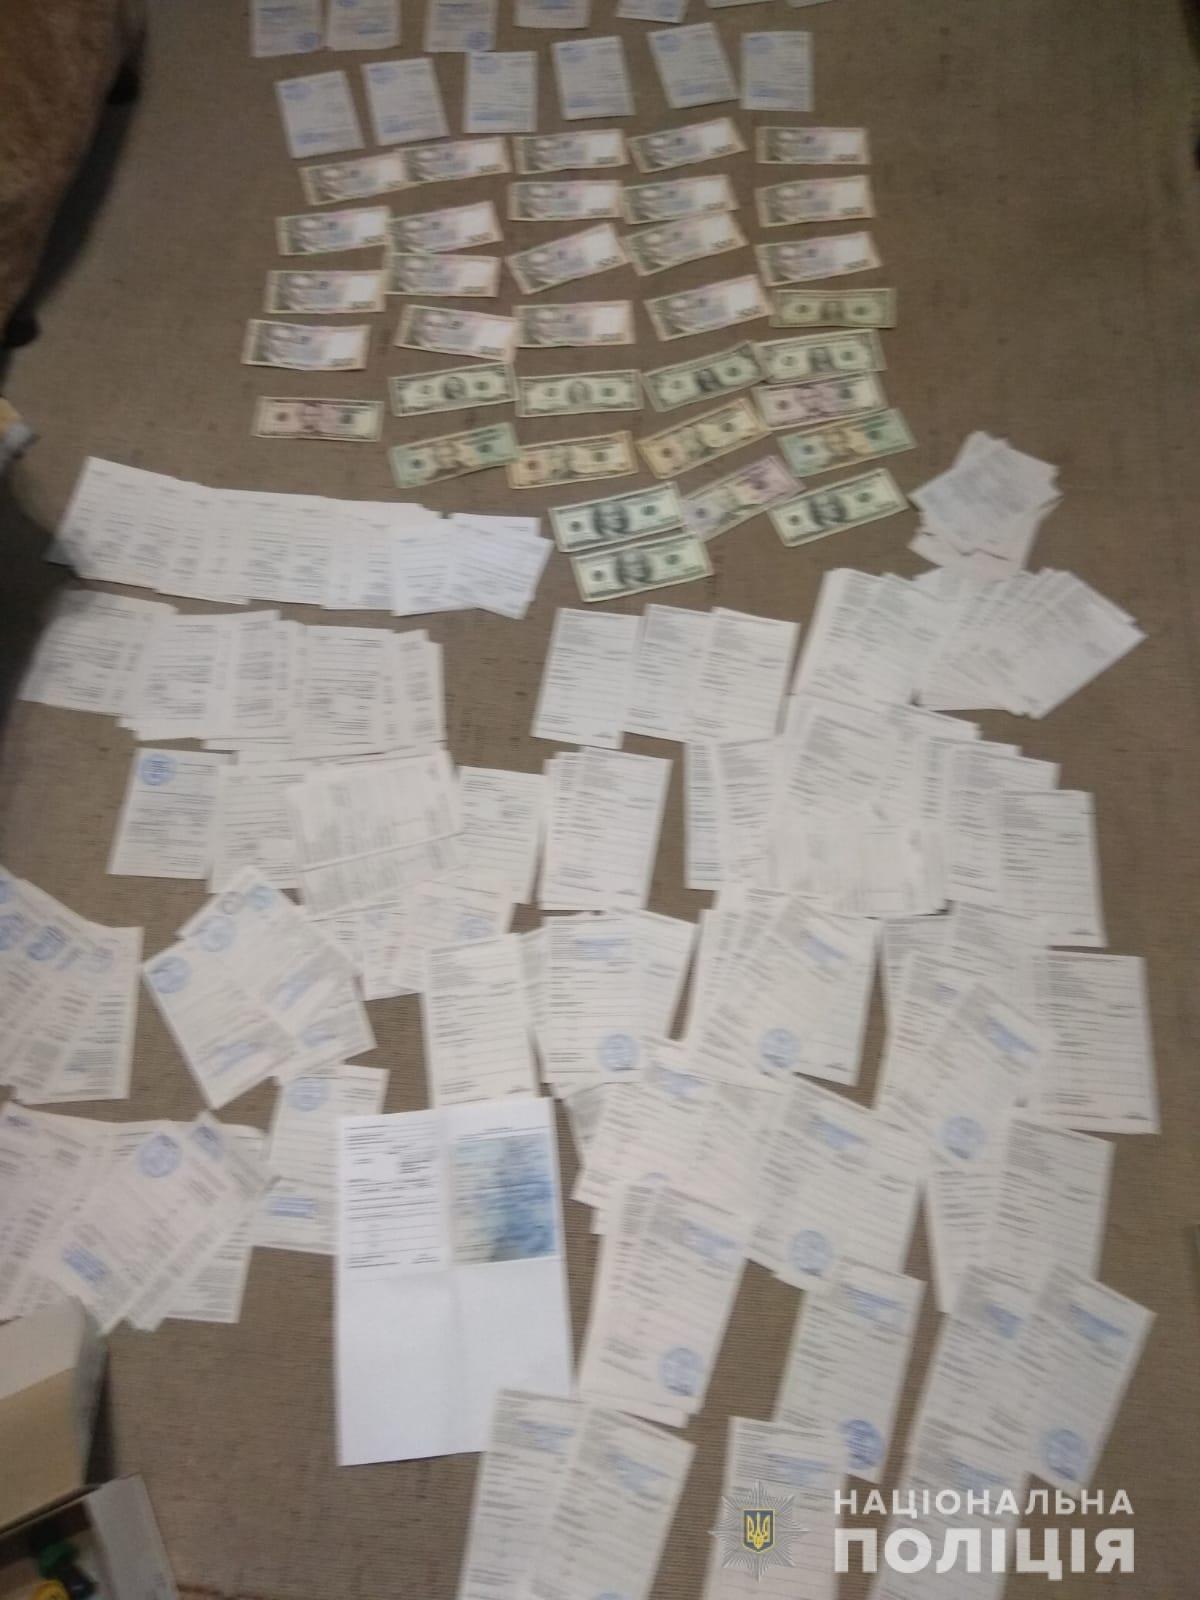 Харьковчанка несколько лет нелегально продавала наркотические лекарства, - ФОТО, фото-2